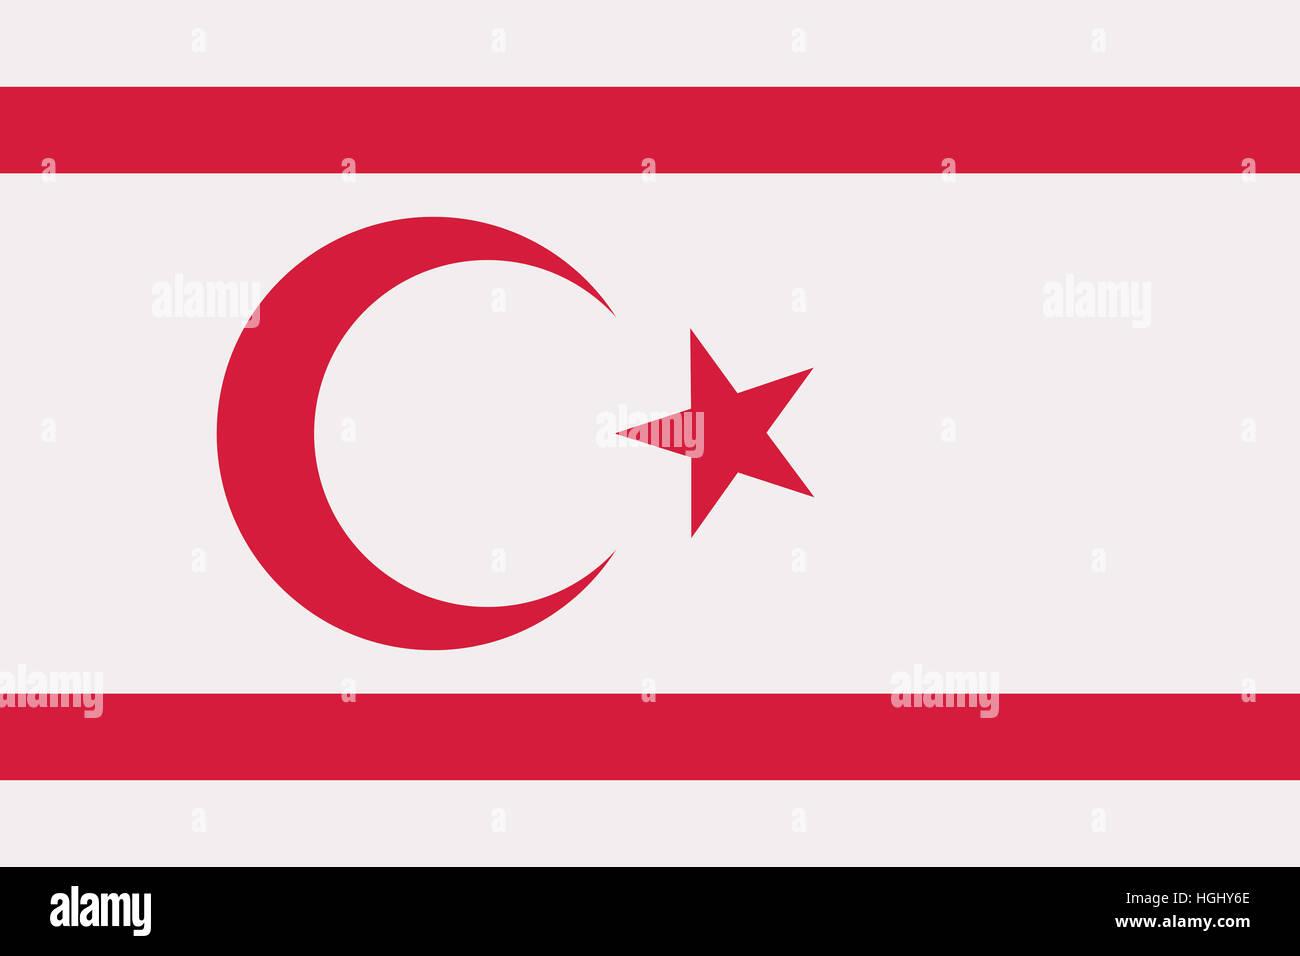 Northern Cyprus flag - Stock Image